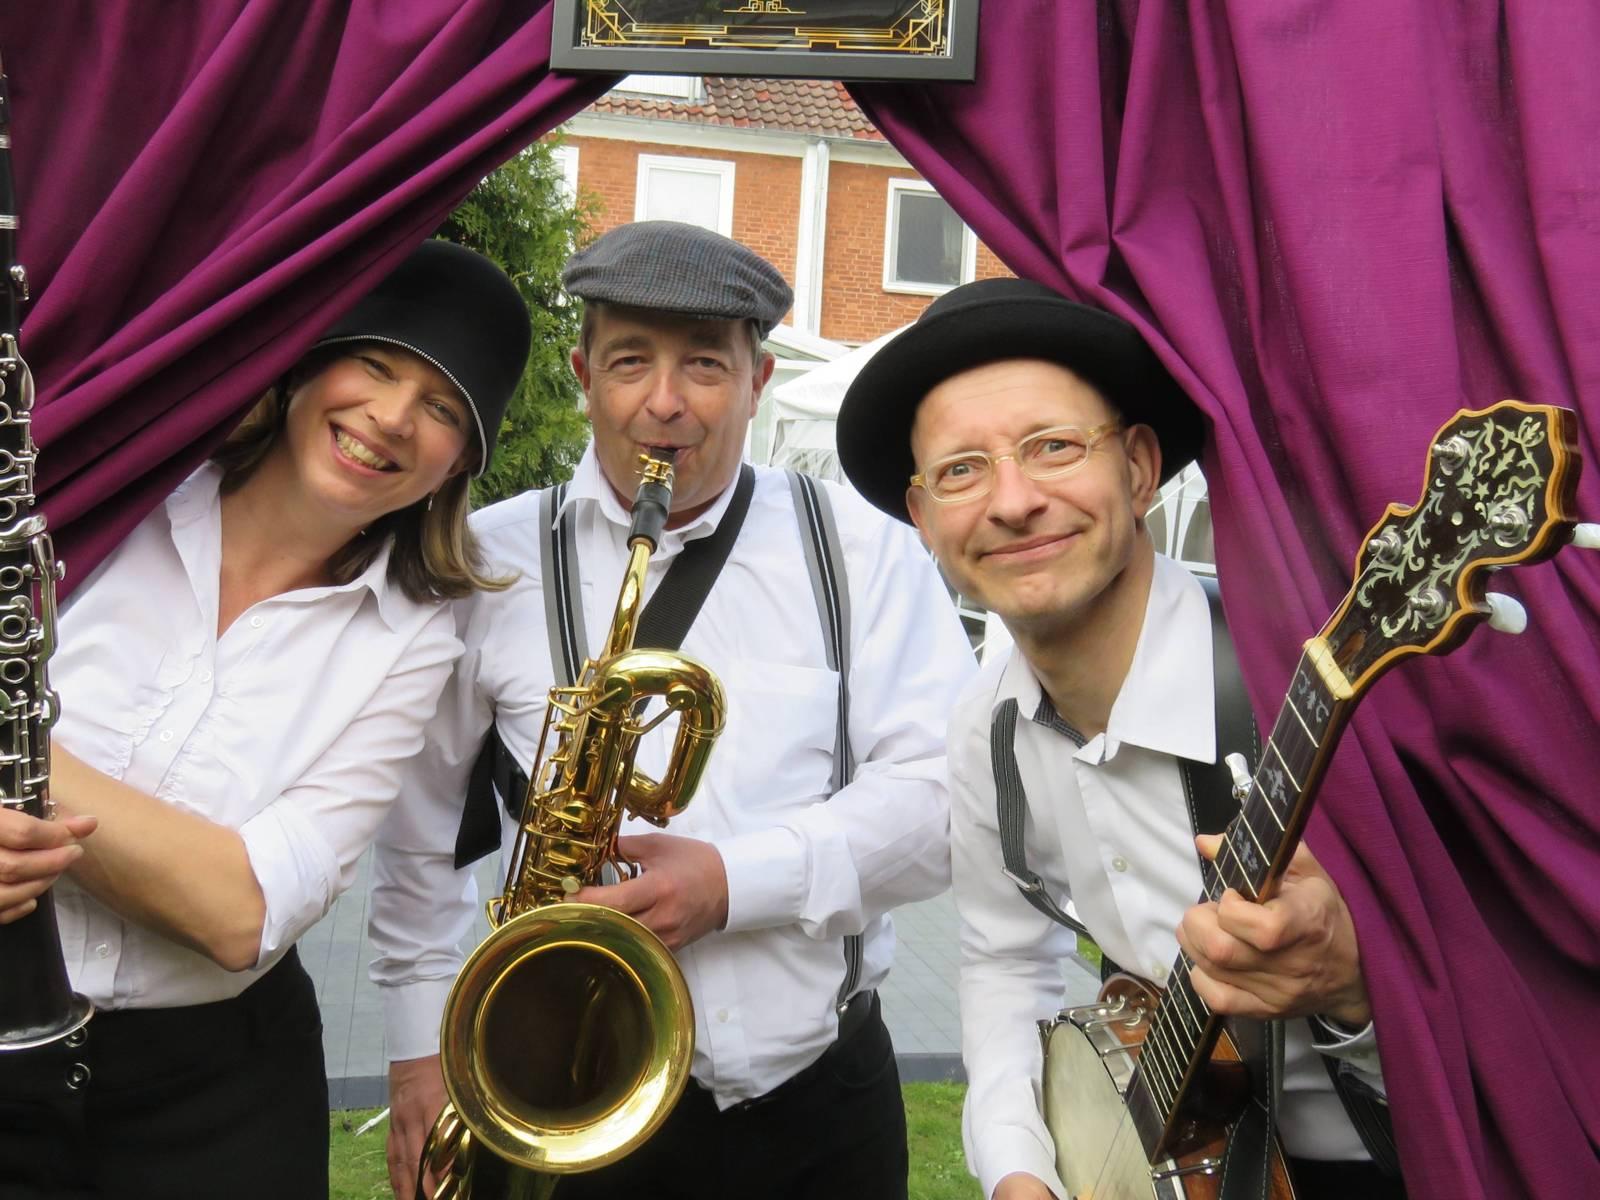 Zwei Musiker und eine Musikerin schauen durch einen Vorhang, die Szene ist in einem Garten.